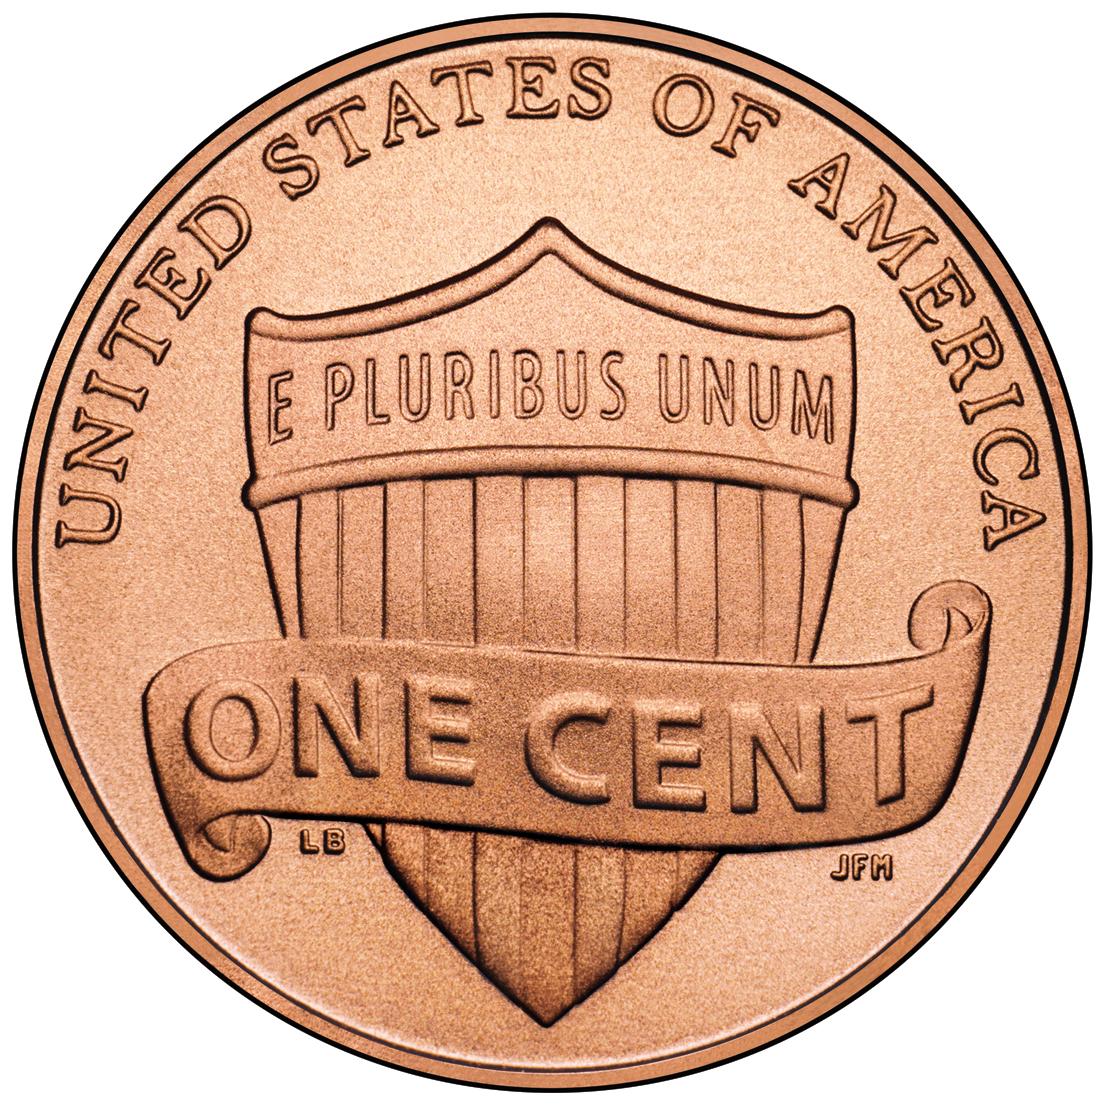 penny e pluribus unum 2009 worth